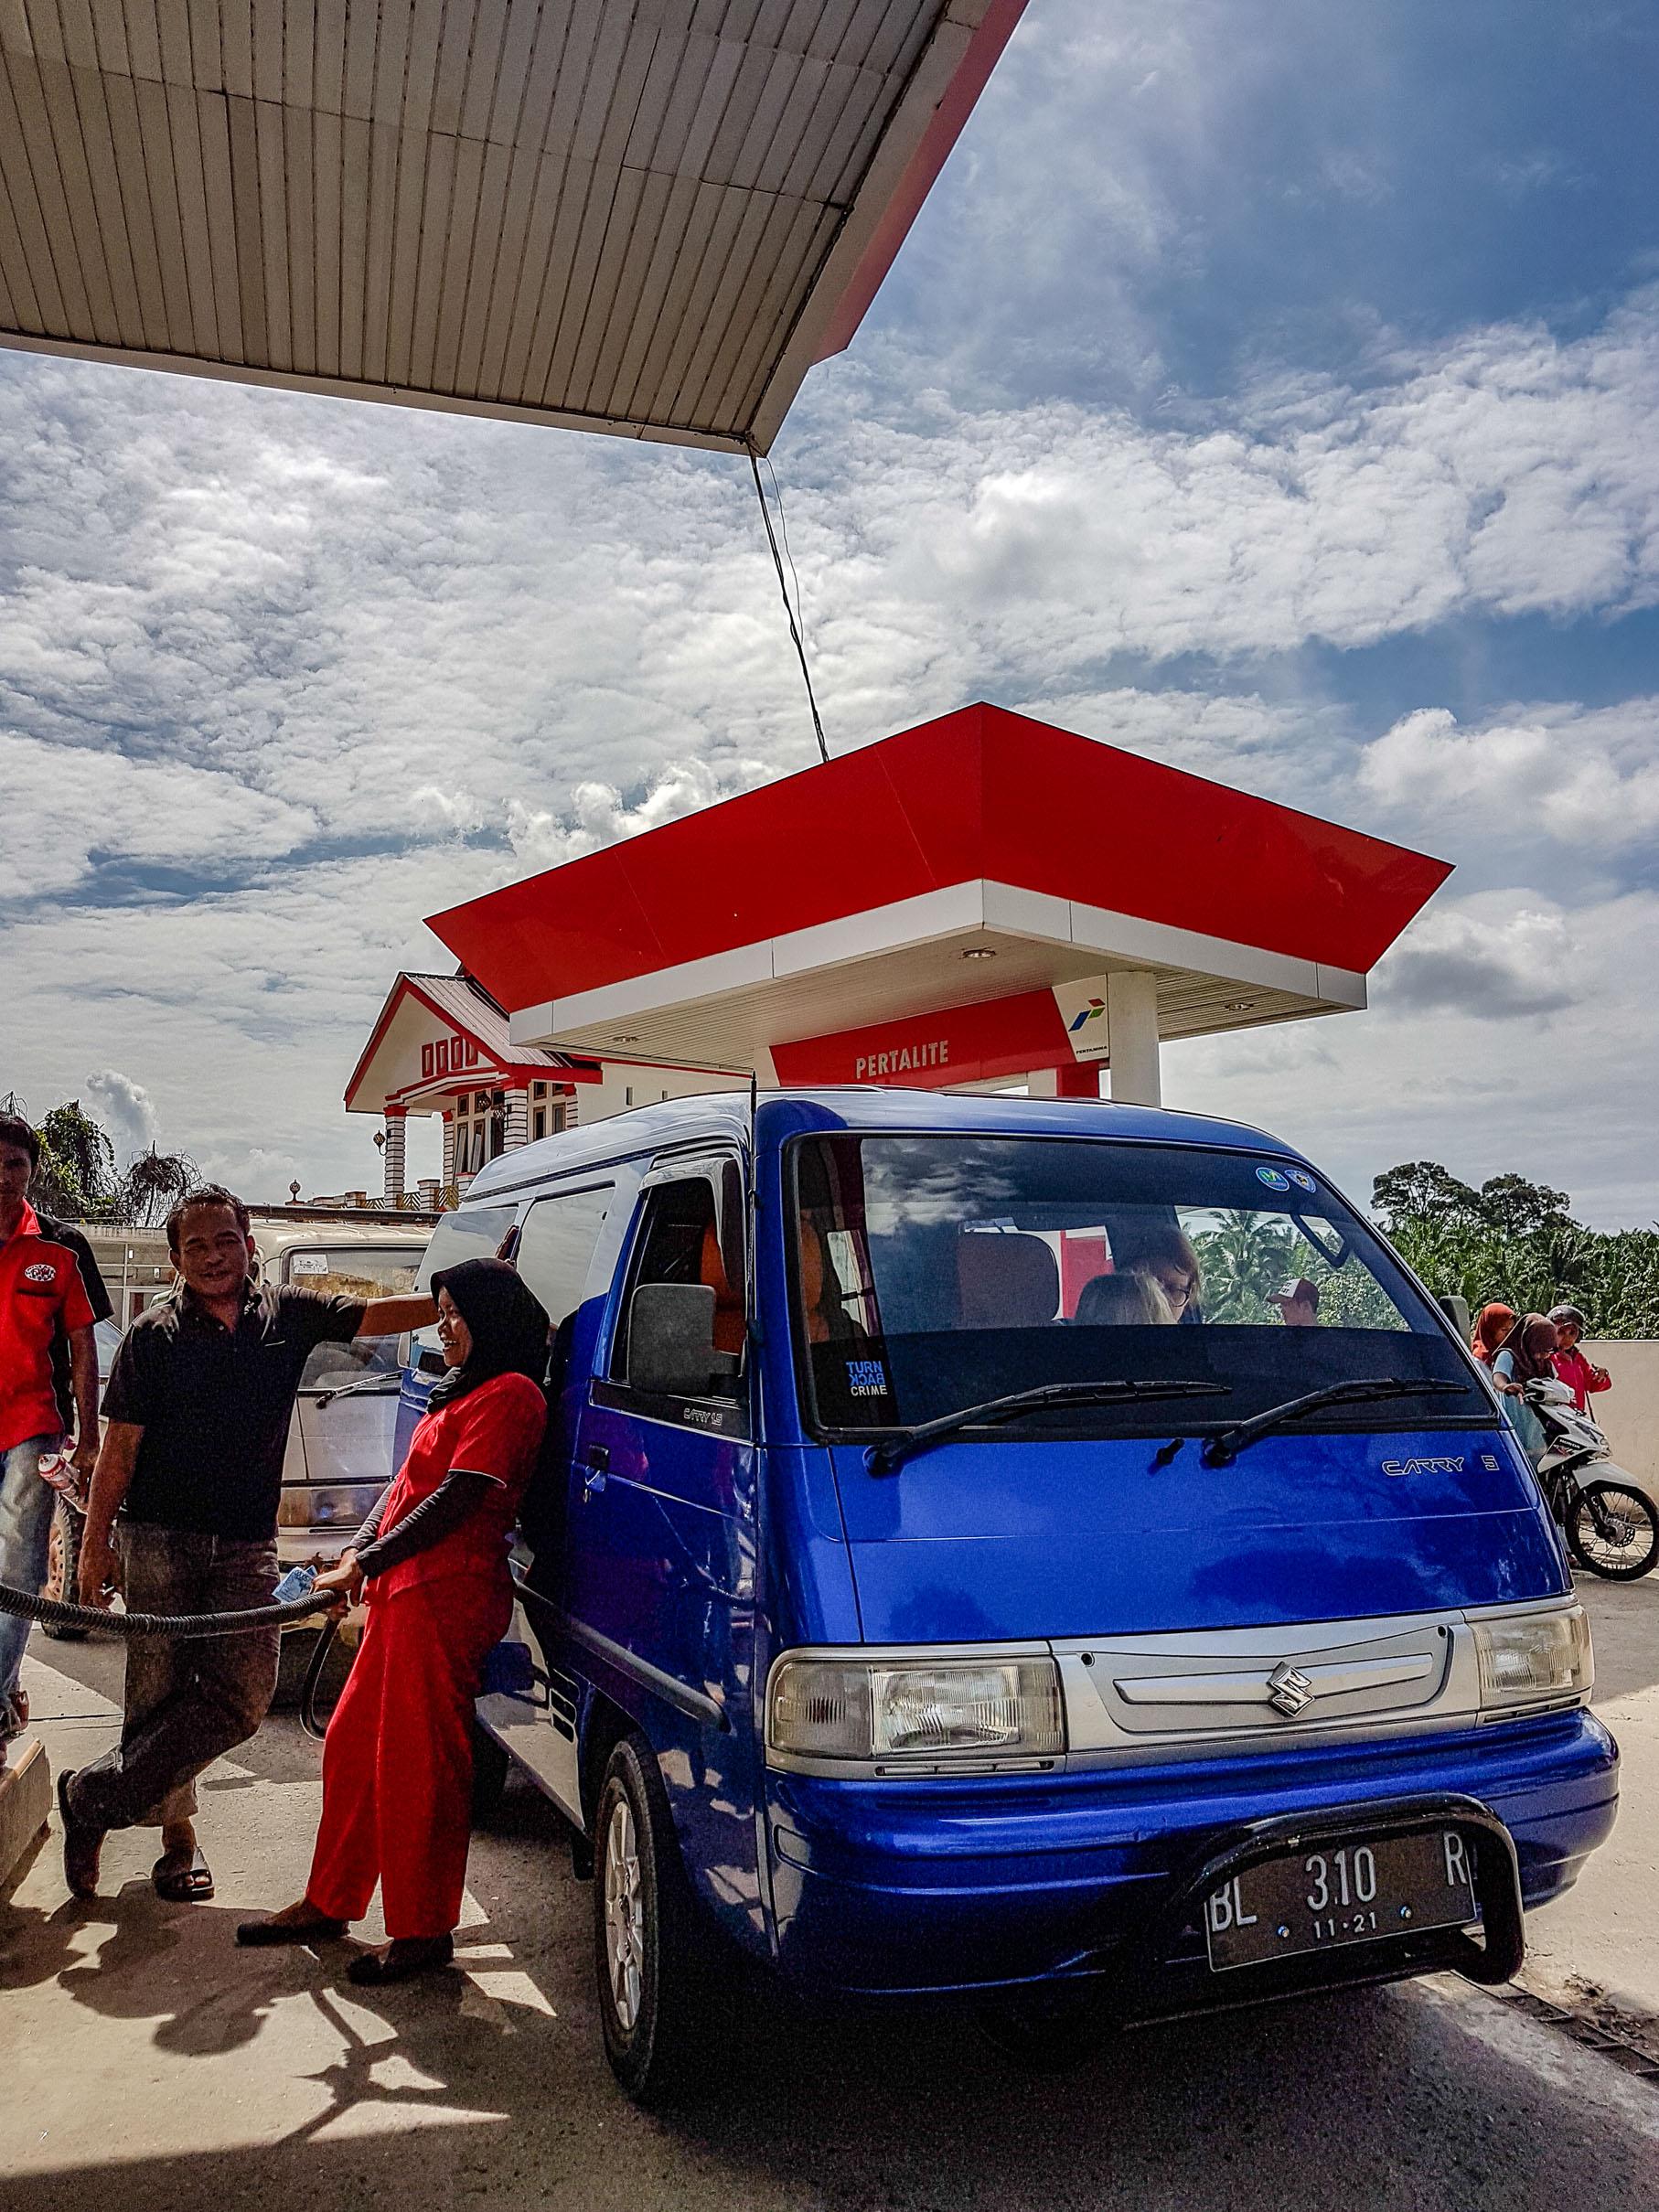 Stacja benzynowa w Sebulussalam. Sumatra, Indonezja